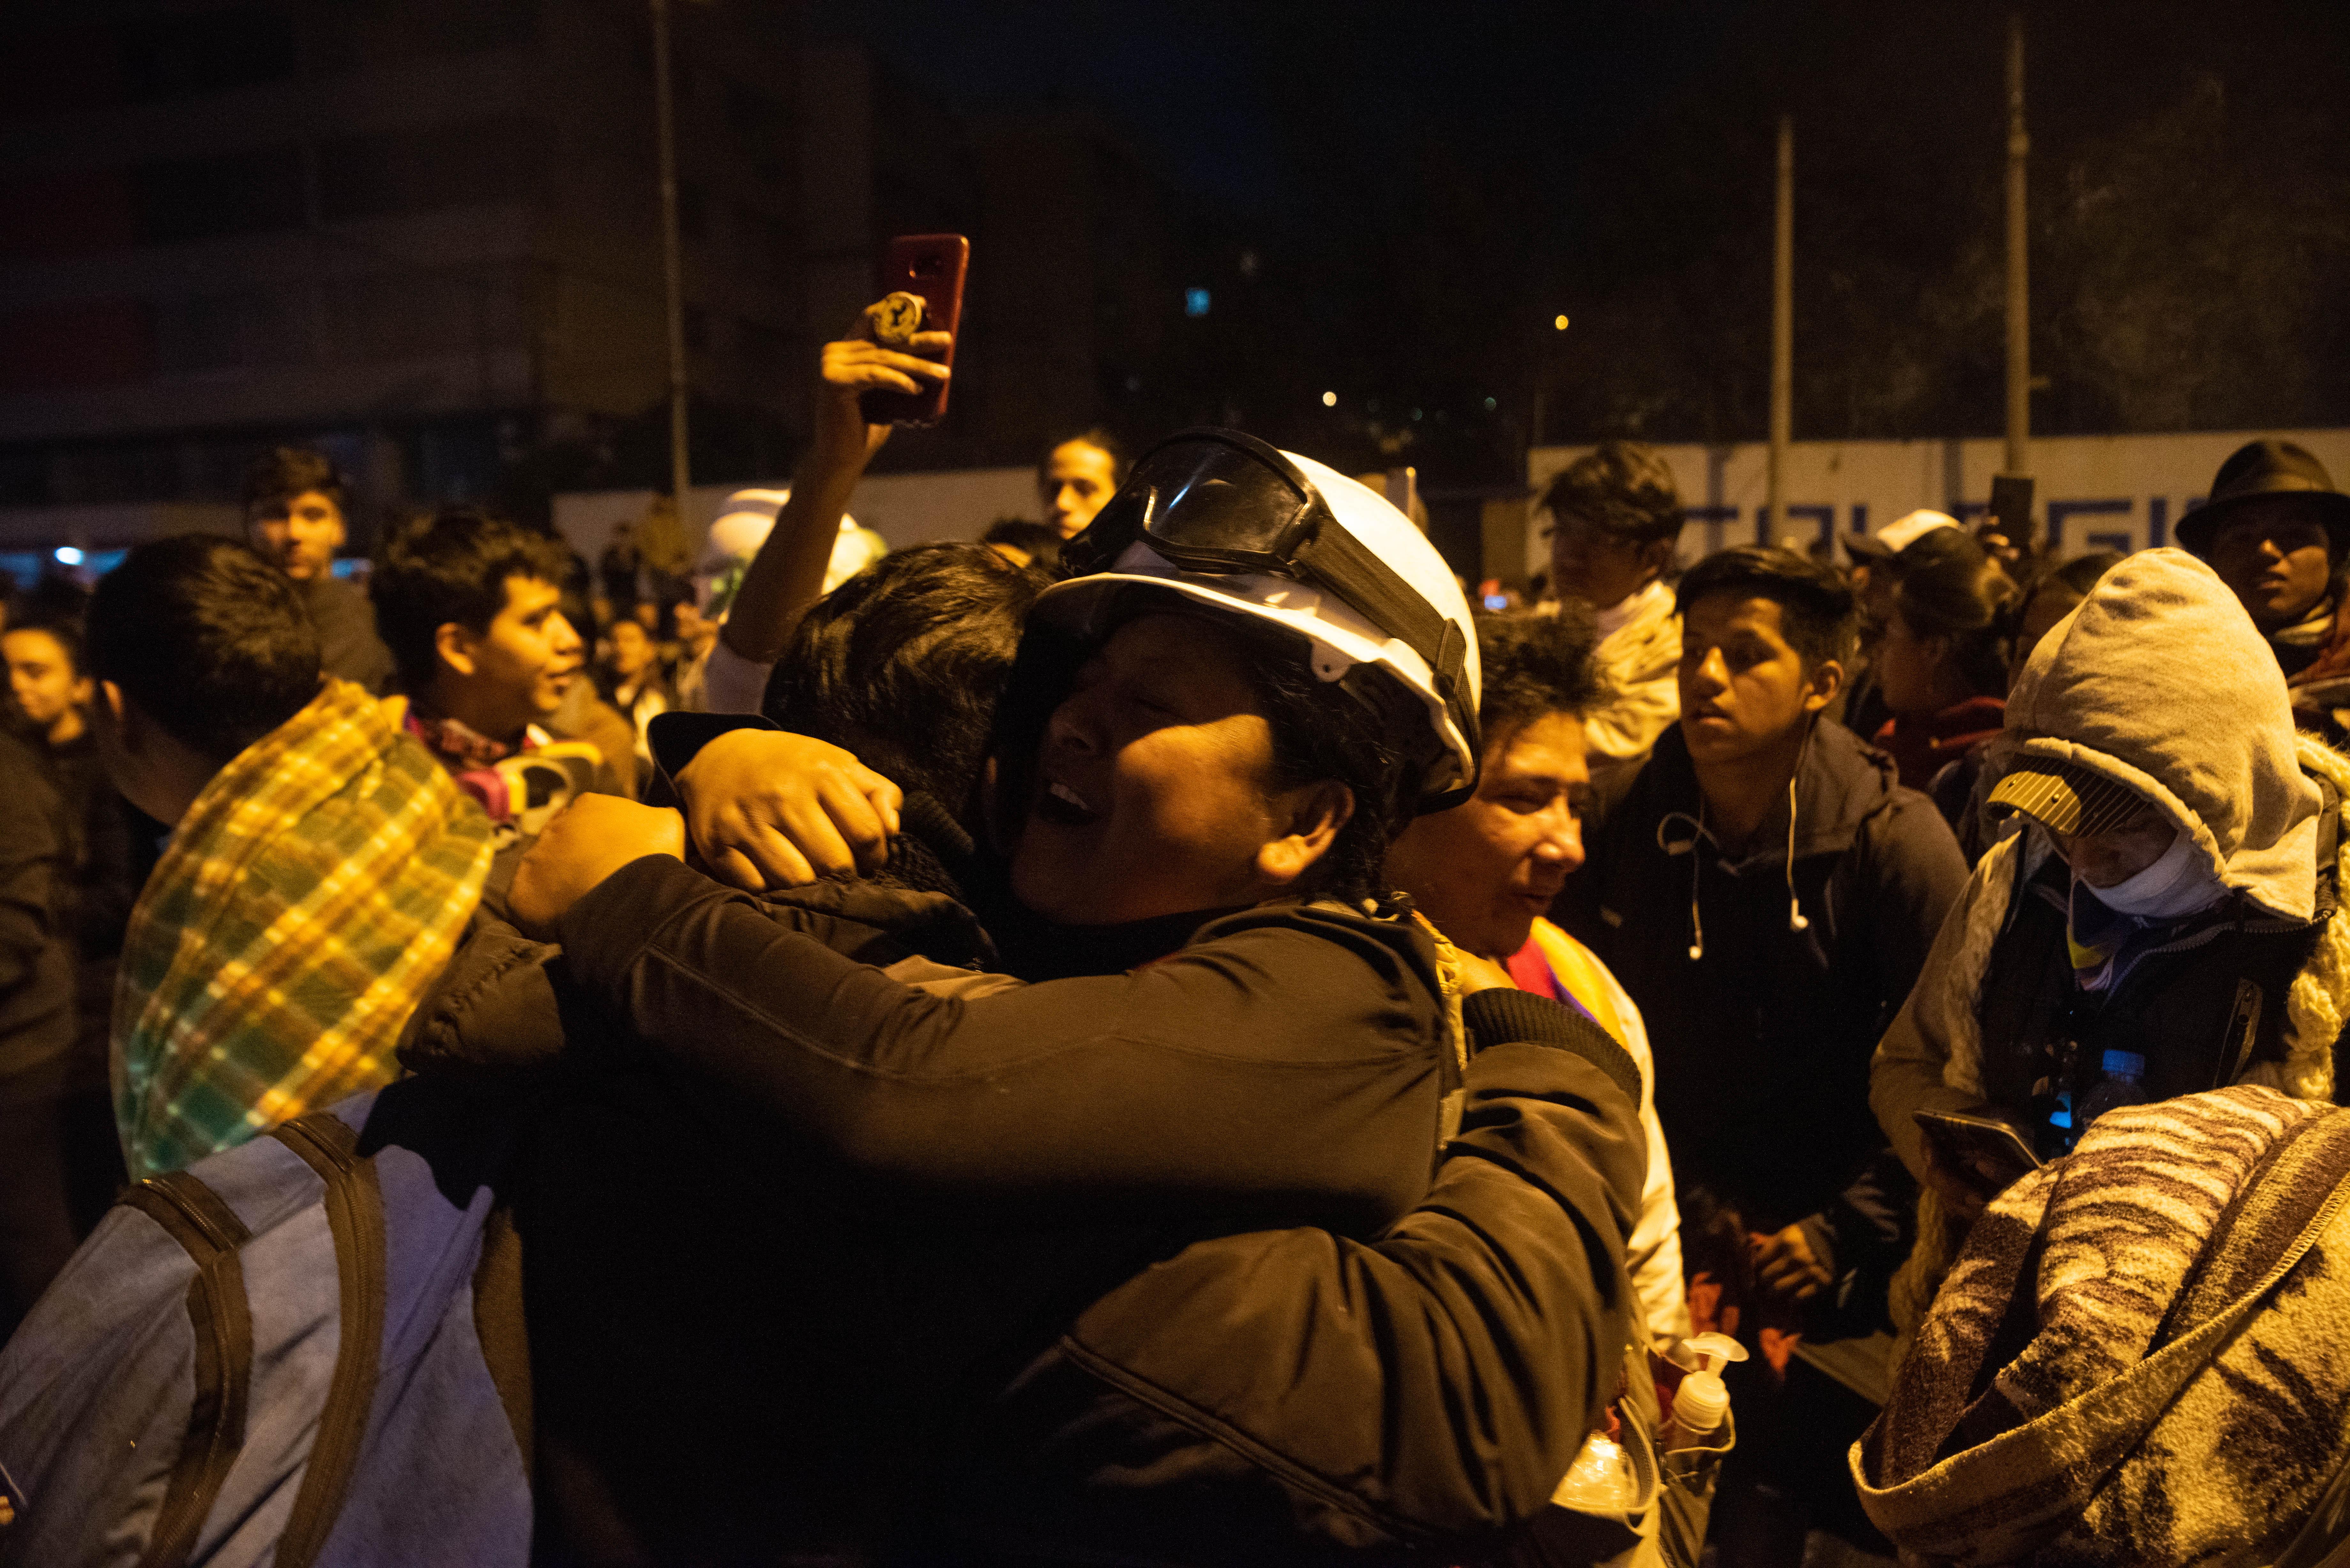 Un manifestante con casco y protección ocular se abraza con su compañeros en medio de los festejos por la derogación del Decreto 883 que eliminaba los subsidios a los combustibles.